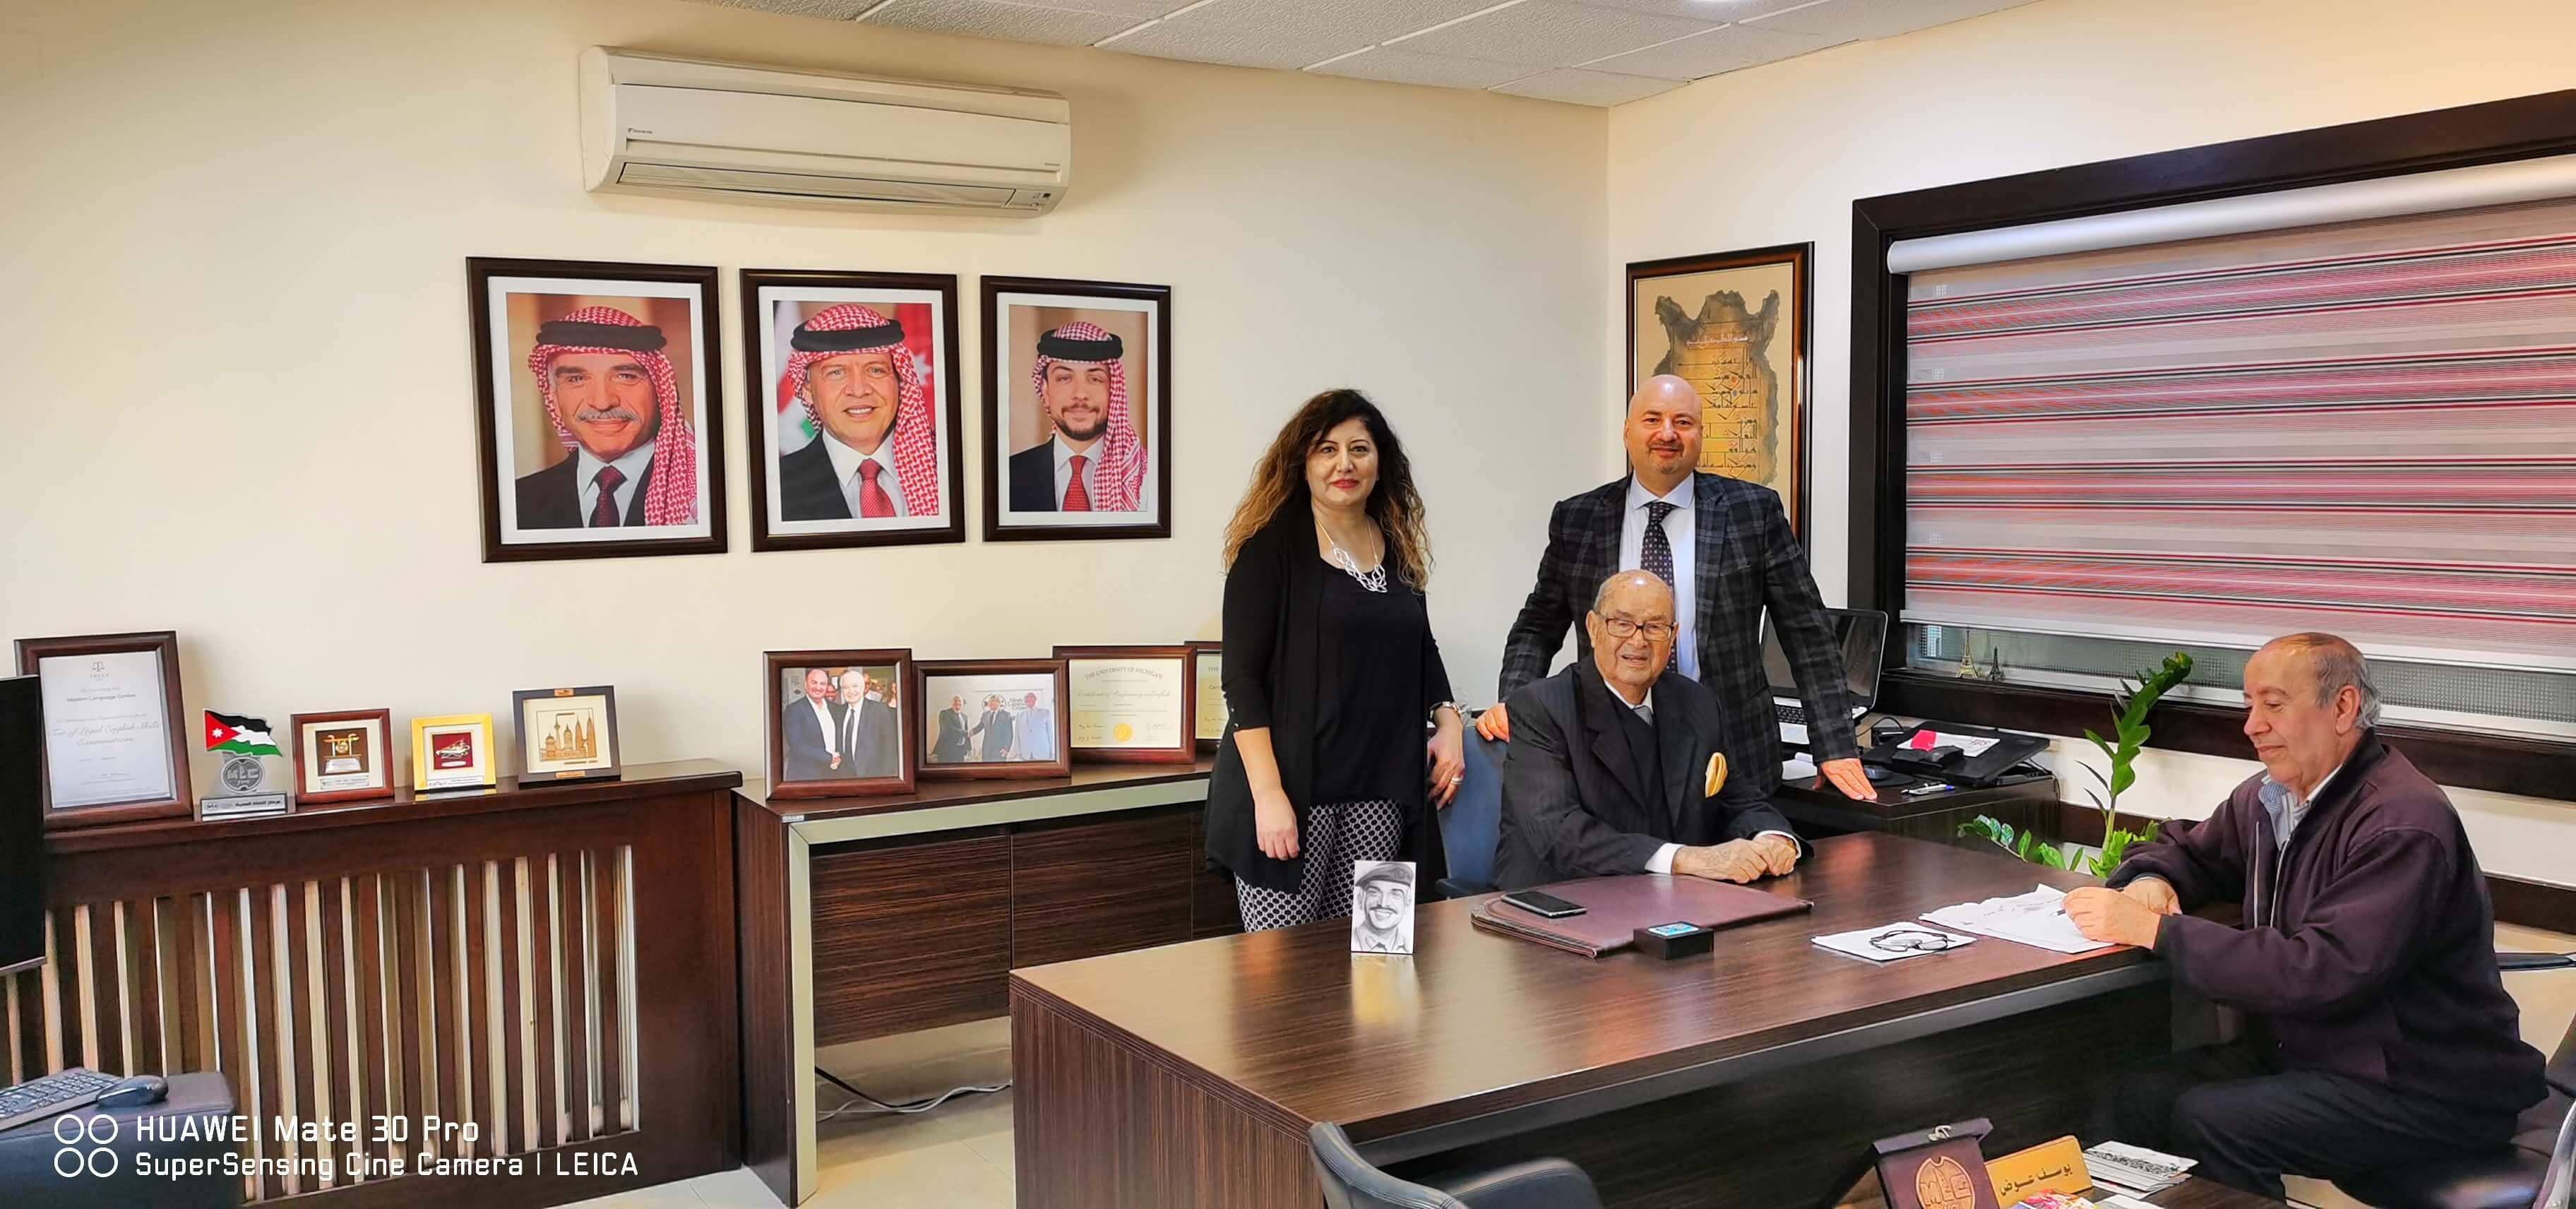 مركز اللغات الحديث يوسف عوض: نذرت نفسي ووهبت حياتي لخدمة الأردن العزيز وأبنائه